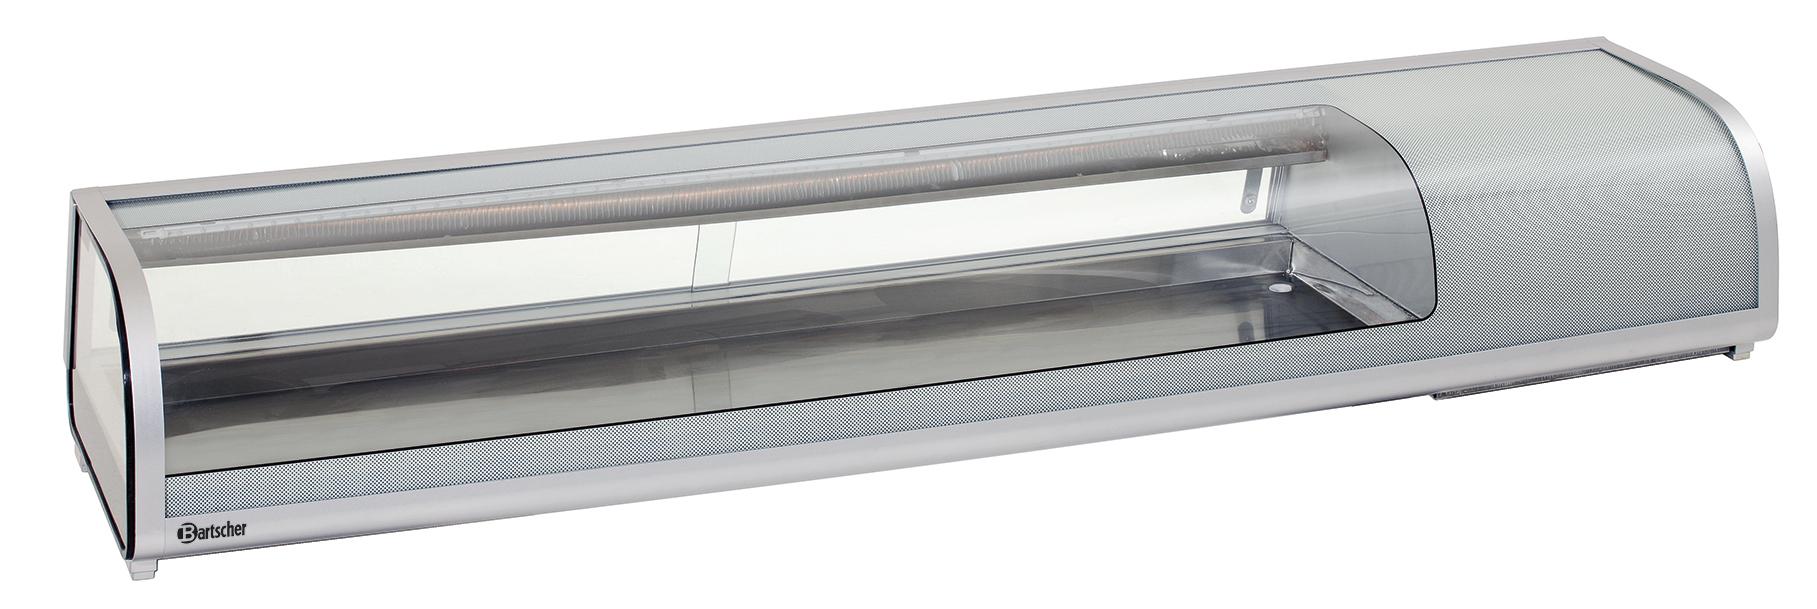 Bartscher Koelopzetvitrine Sushi 5x 1/2GN - 180 cm